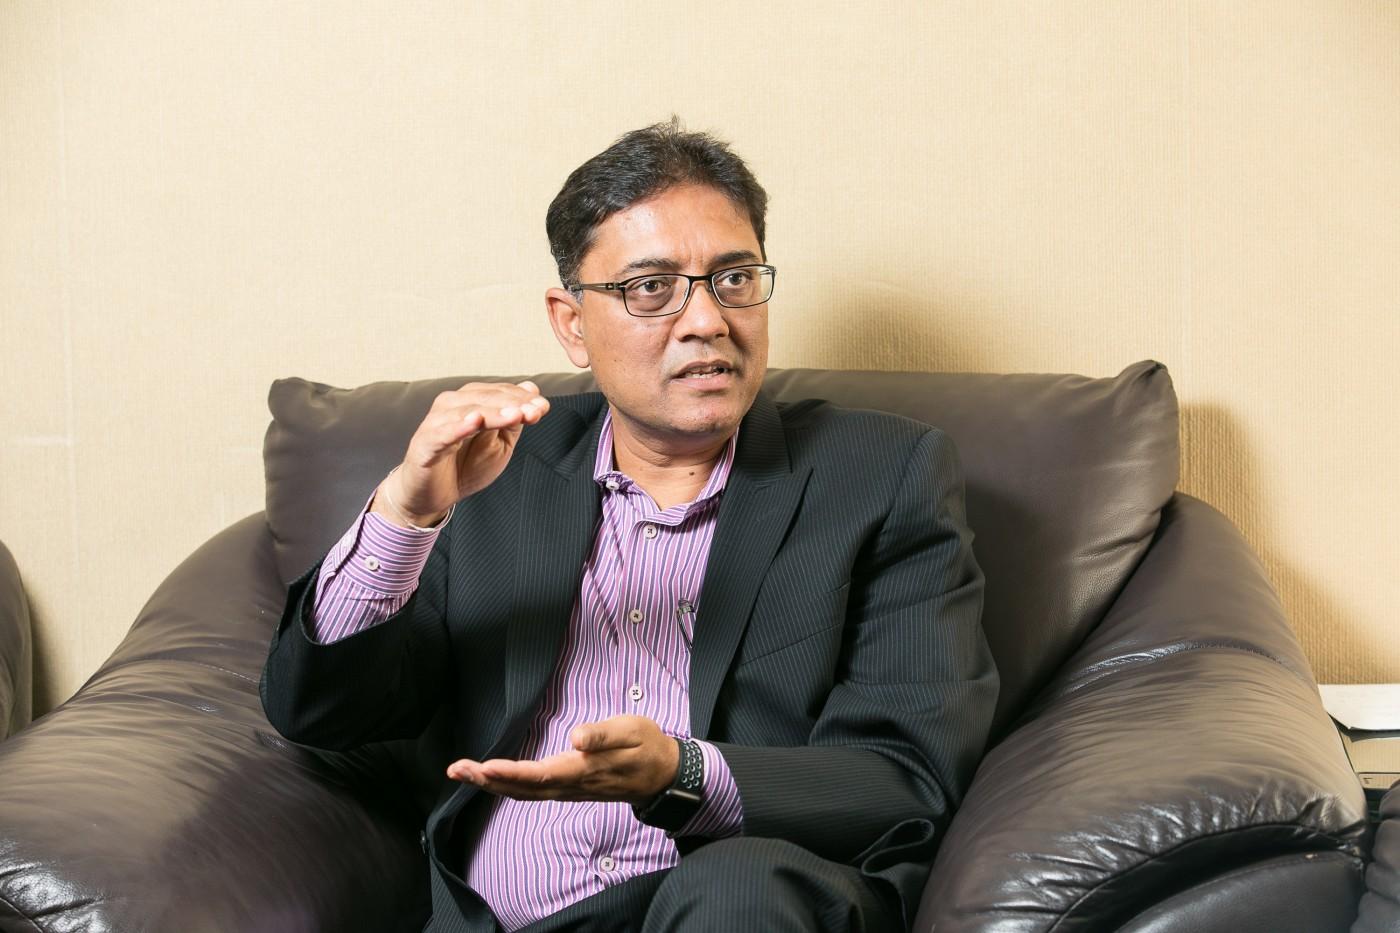 併入軟銀九個月,ARM發生了哪些改變?專訪物聯網事業群總裁Dipesh Patel